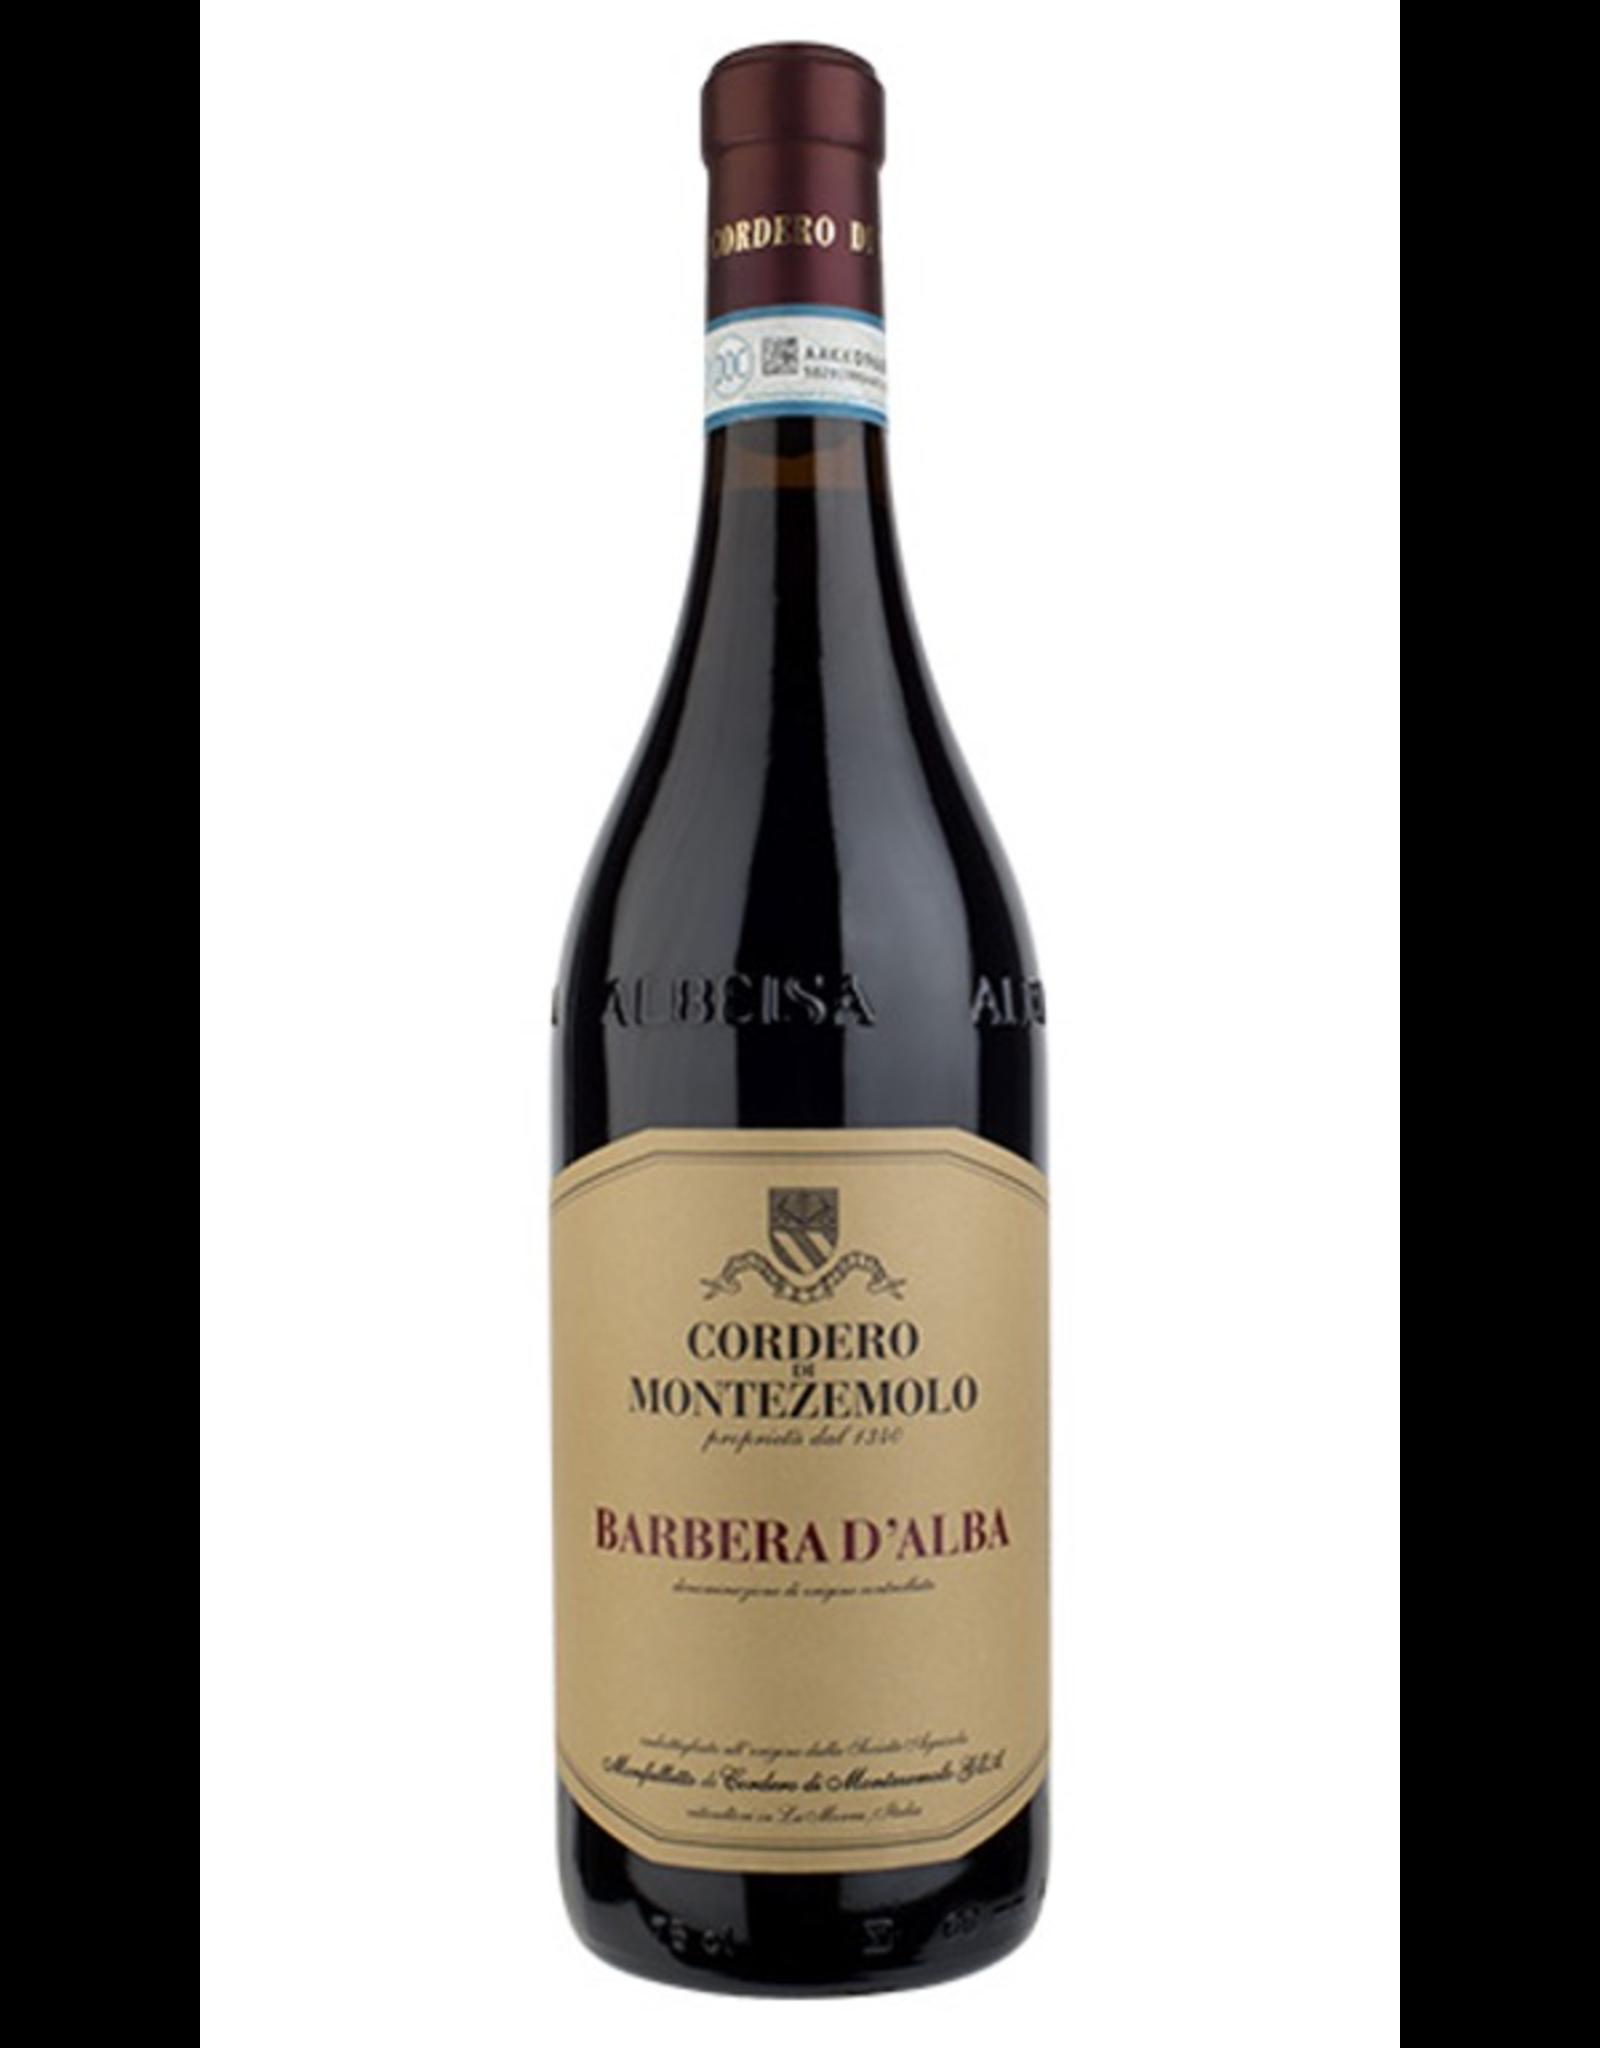 Red Wine 2018, Cordero di Montezemolo, Barbera, Alba, Piemonte, Italy, 13.5% Alc, CTnr